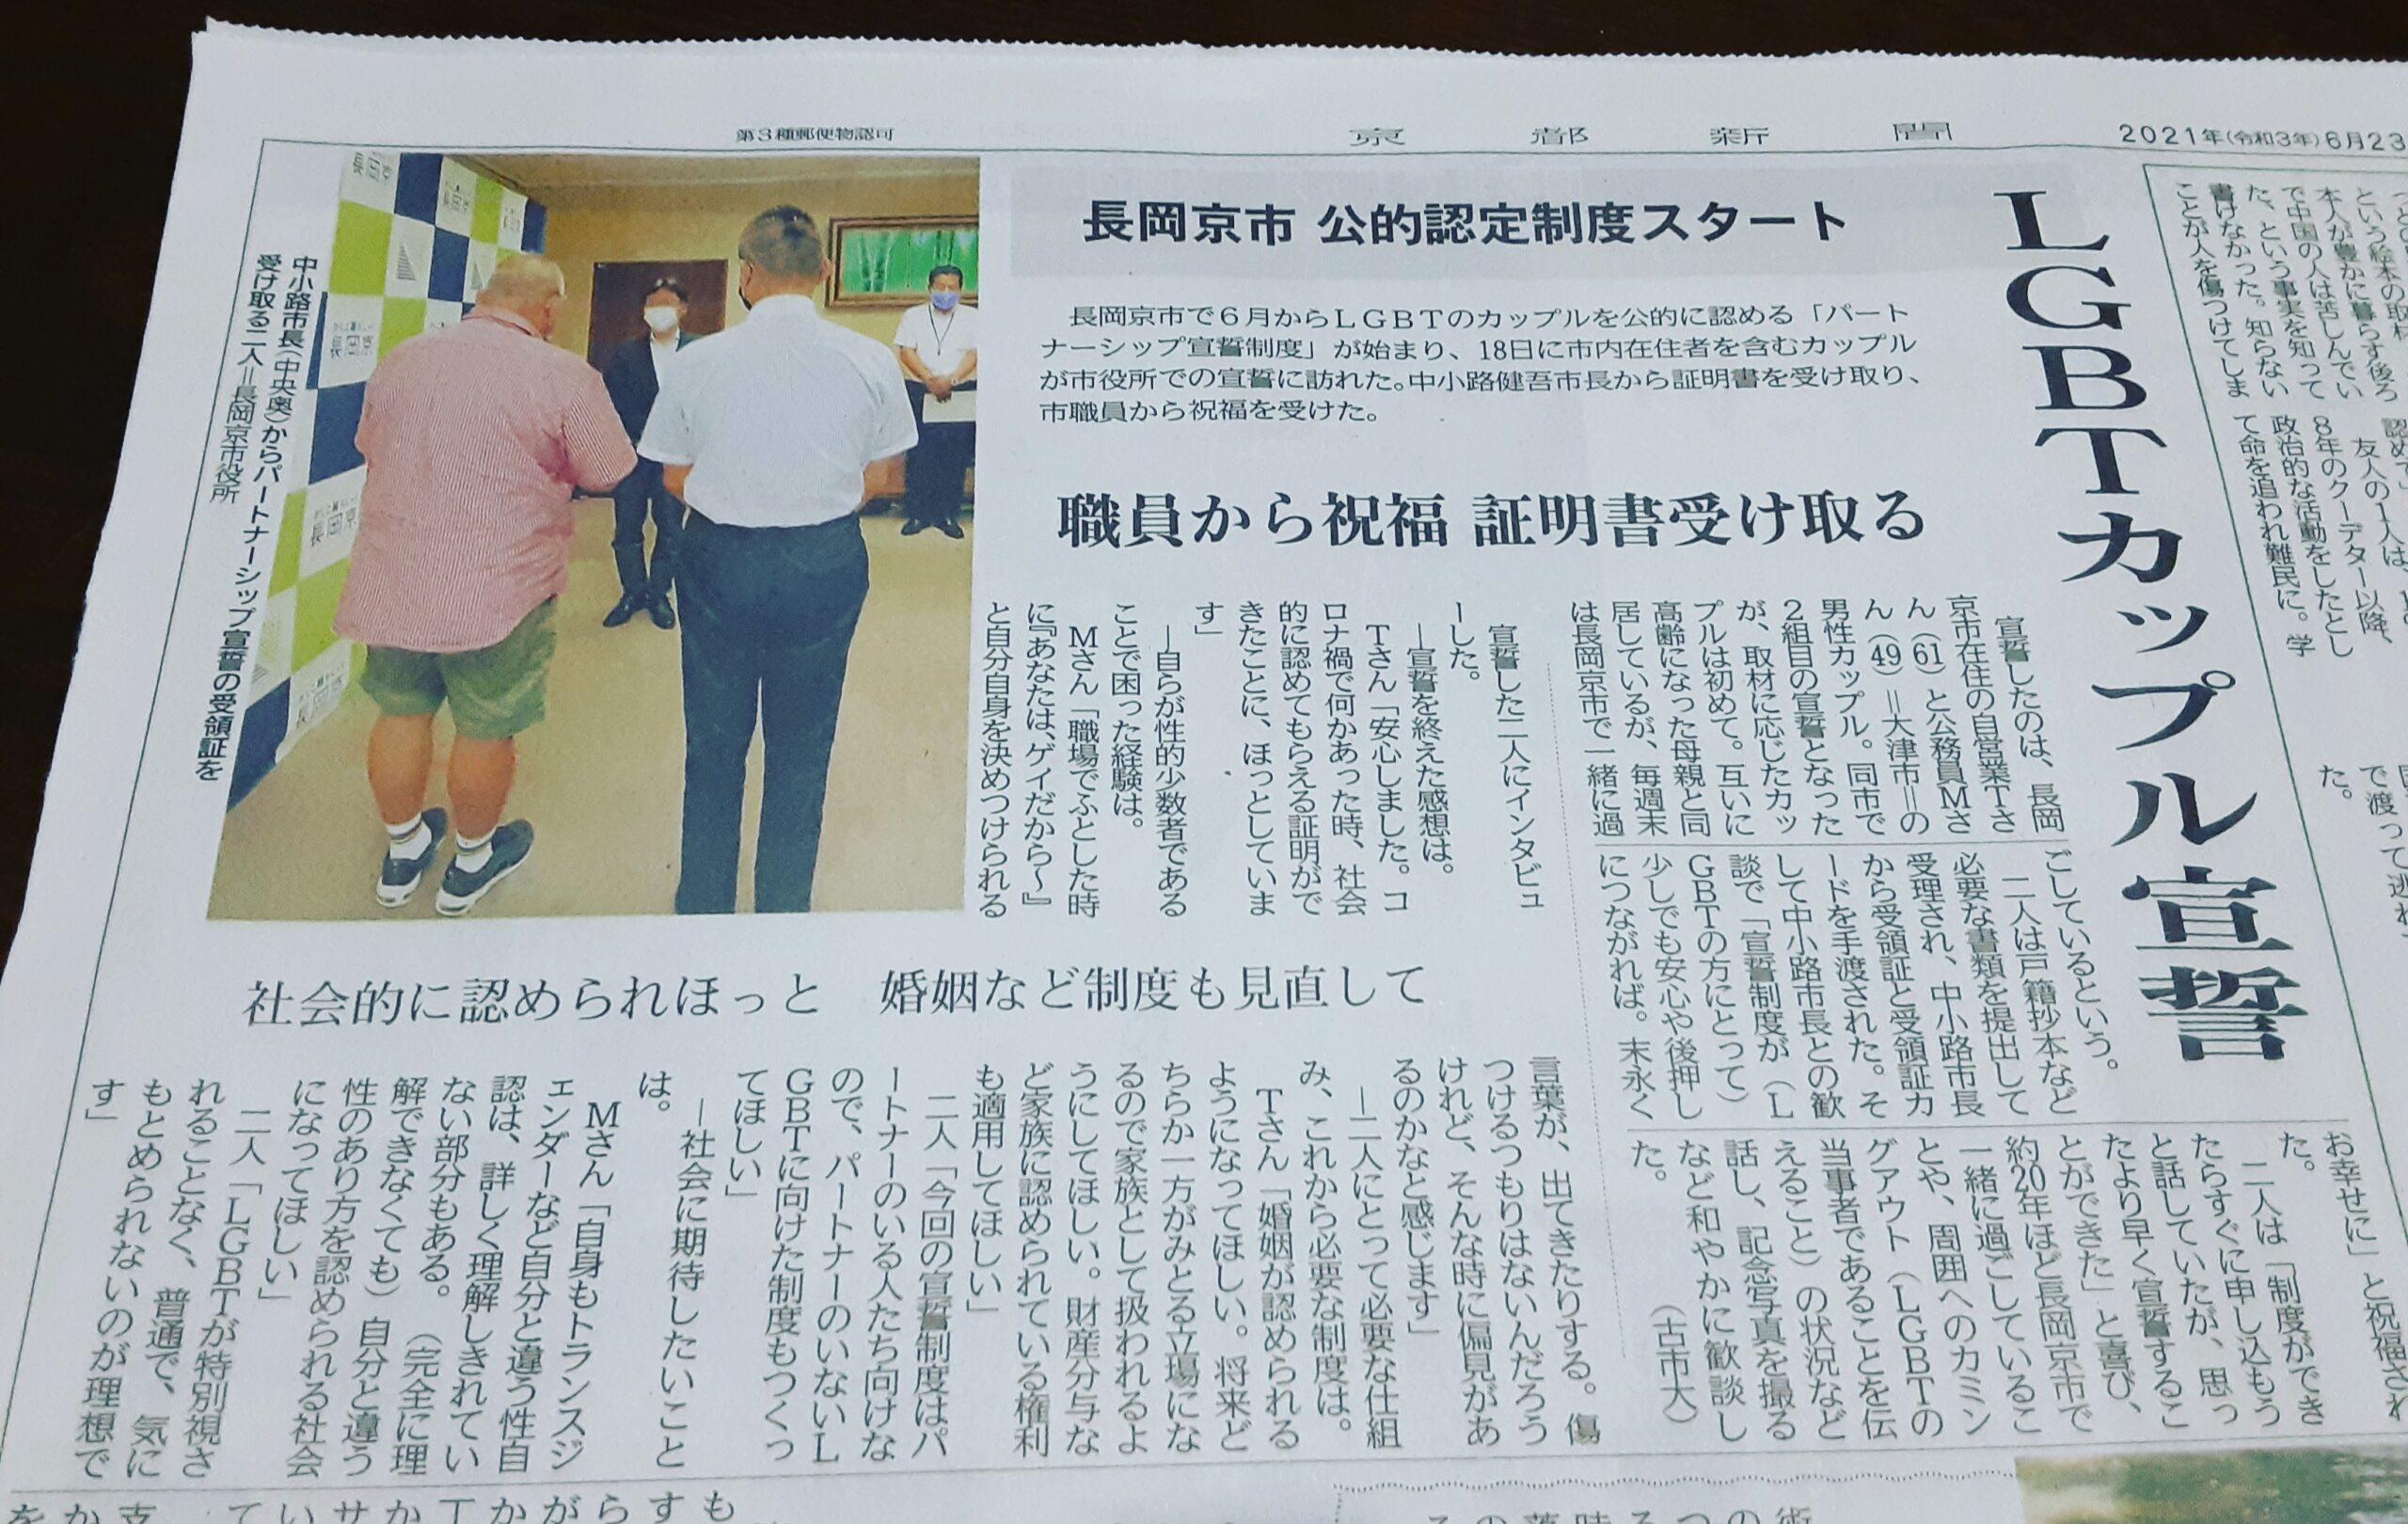 6月23日の京都新聞洛西版に長岡京市が2組目のLGBT🌈カップル宣誓制度で公的認定制度がスタートしたことが報じられました♡♡♡